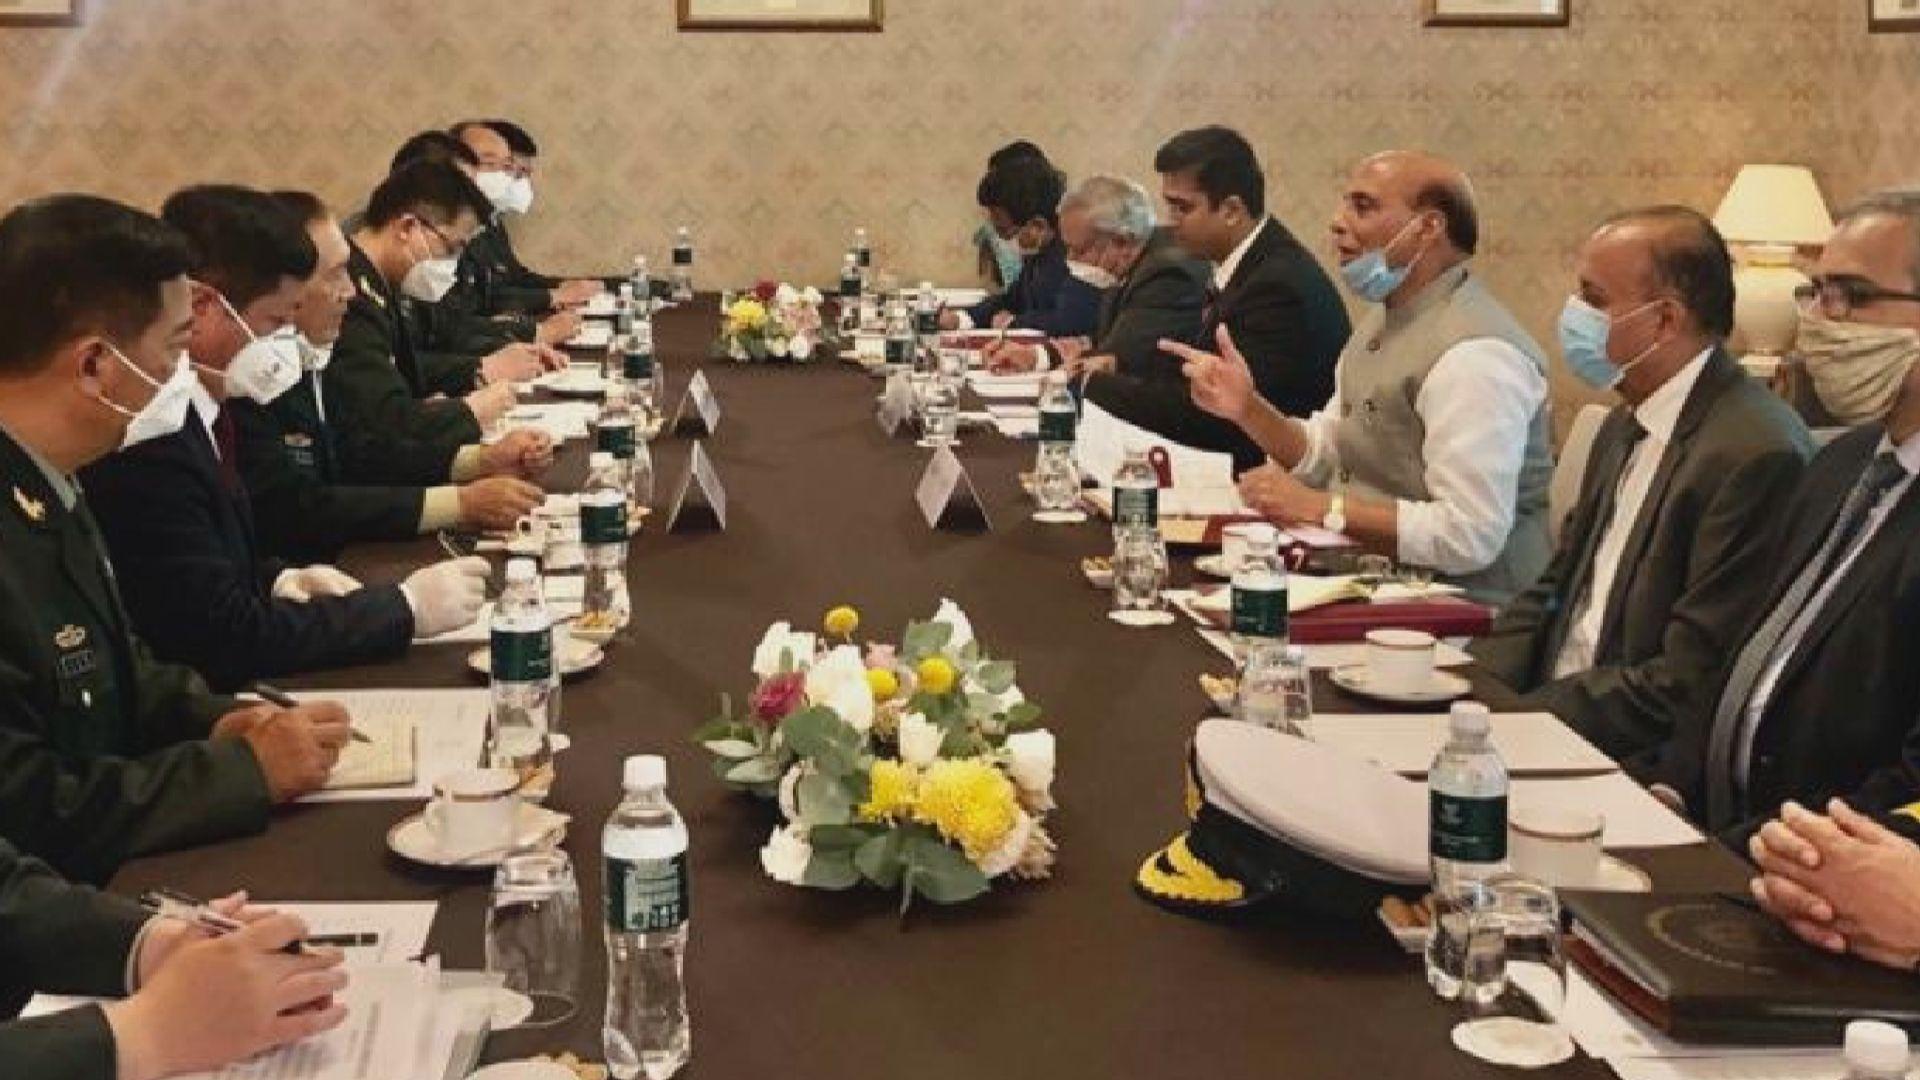 中國防長稱中印緊張局勢責任全在印方 雙方認為應以協商解決問題